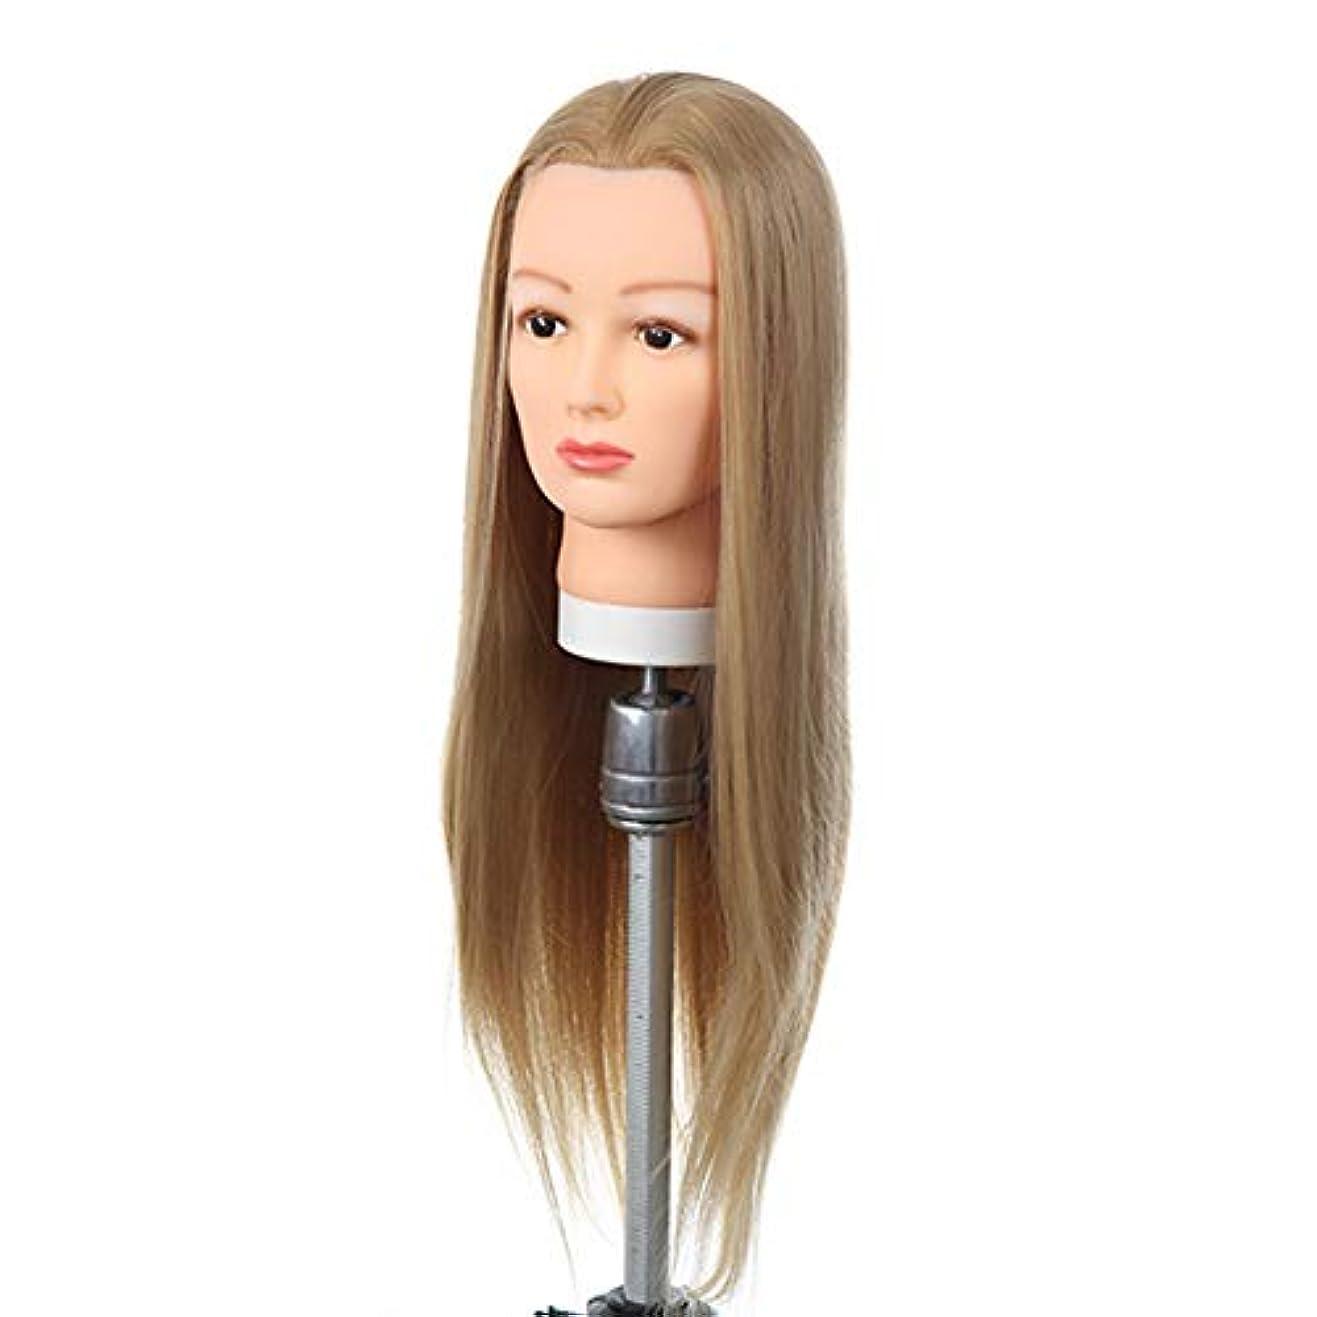 貸し手配置無許可高温シルクヘアエクササイズヘッド理髪店トリムヘアトレーニングヘッドブライダルメイクスタイリングヘアモデルダミーヘッド